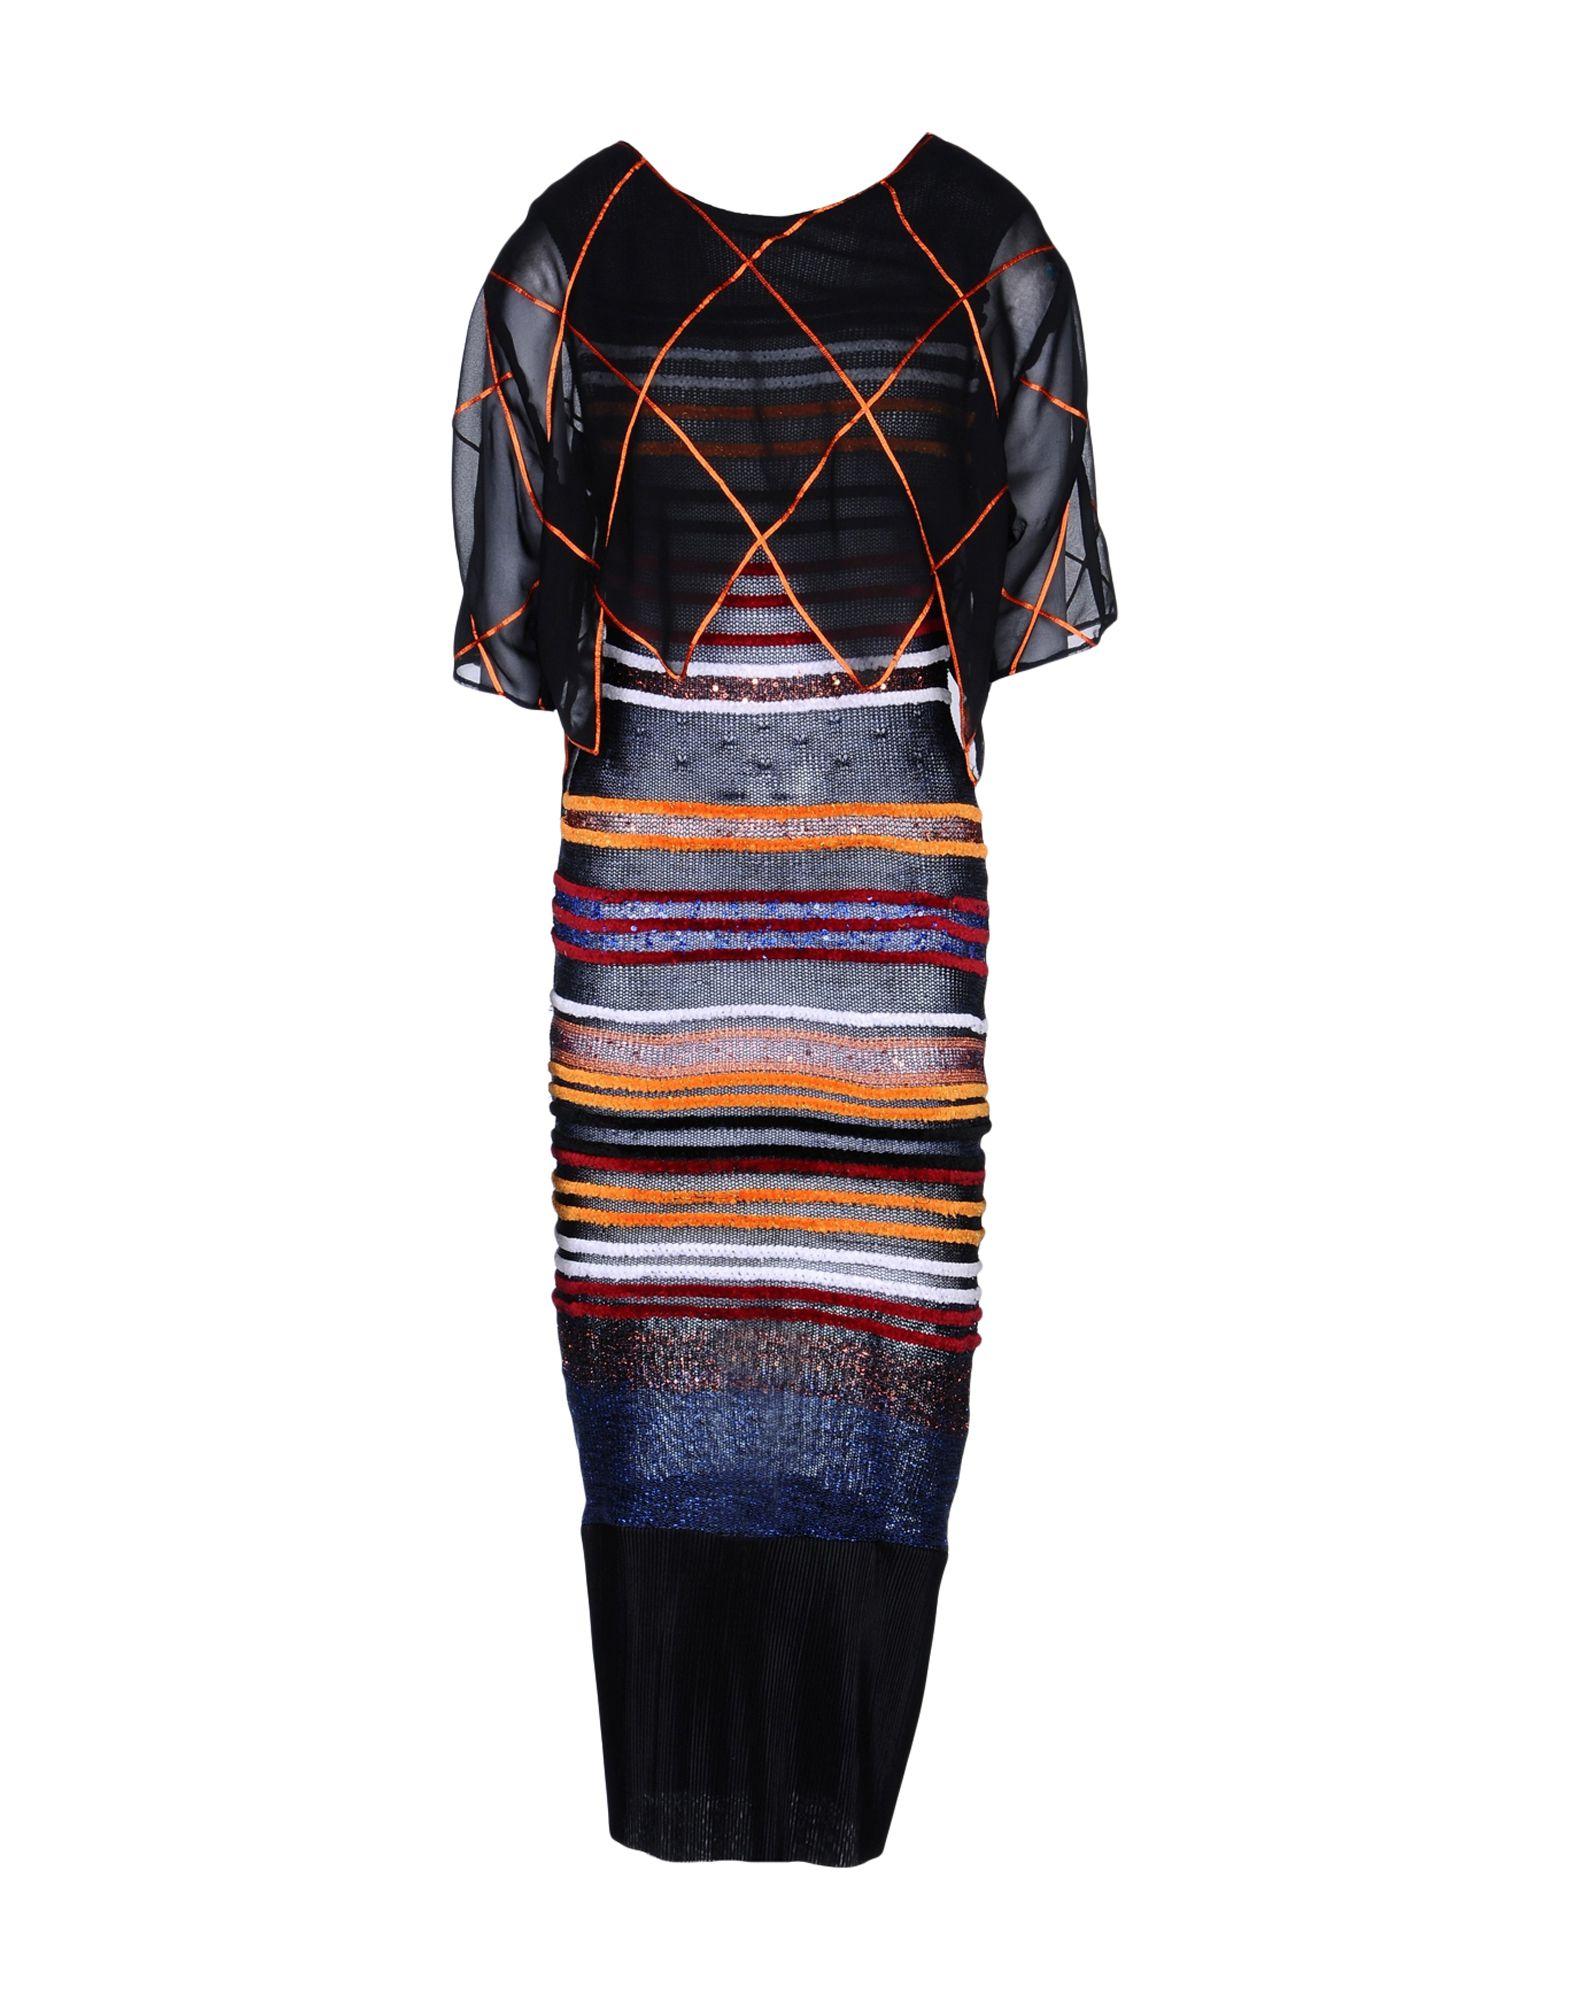 NATARGEORGIOU 3/4 Length Dresses in Black